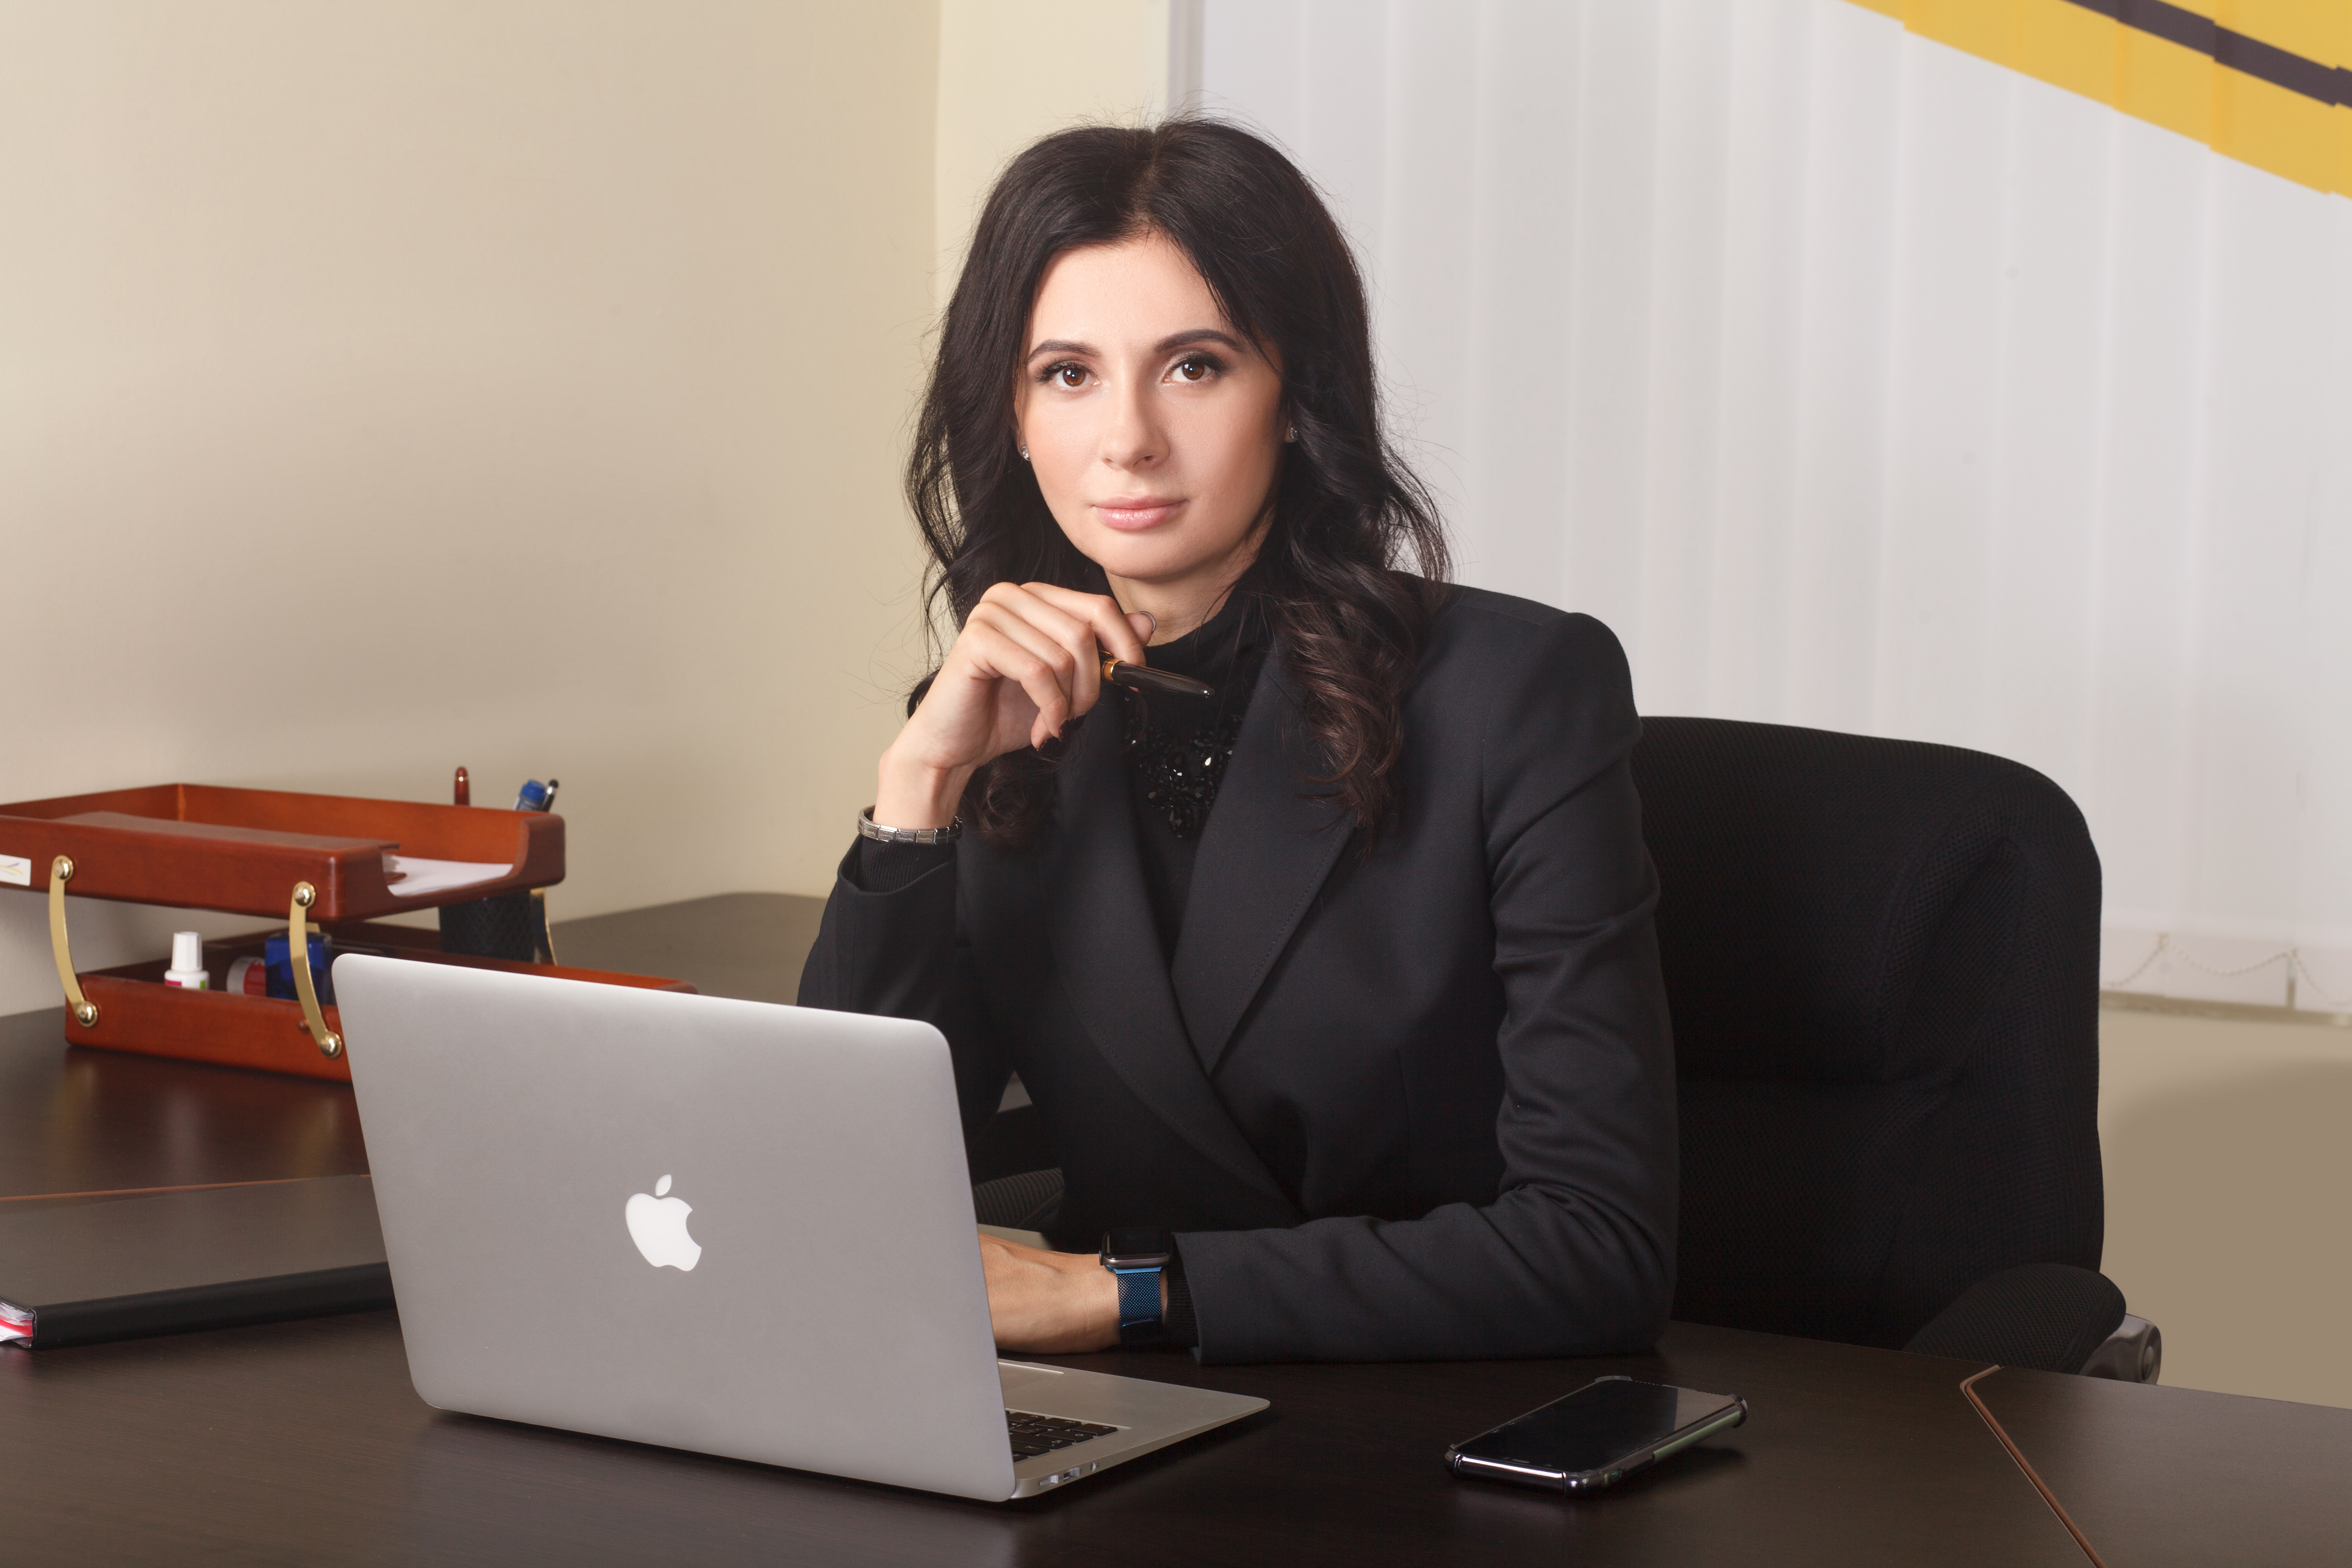 Анна Макушева, директор по маркетингу федеральной логистической компании IML